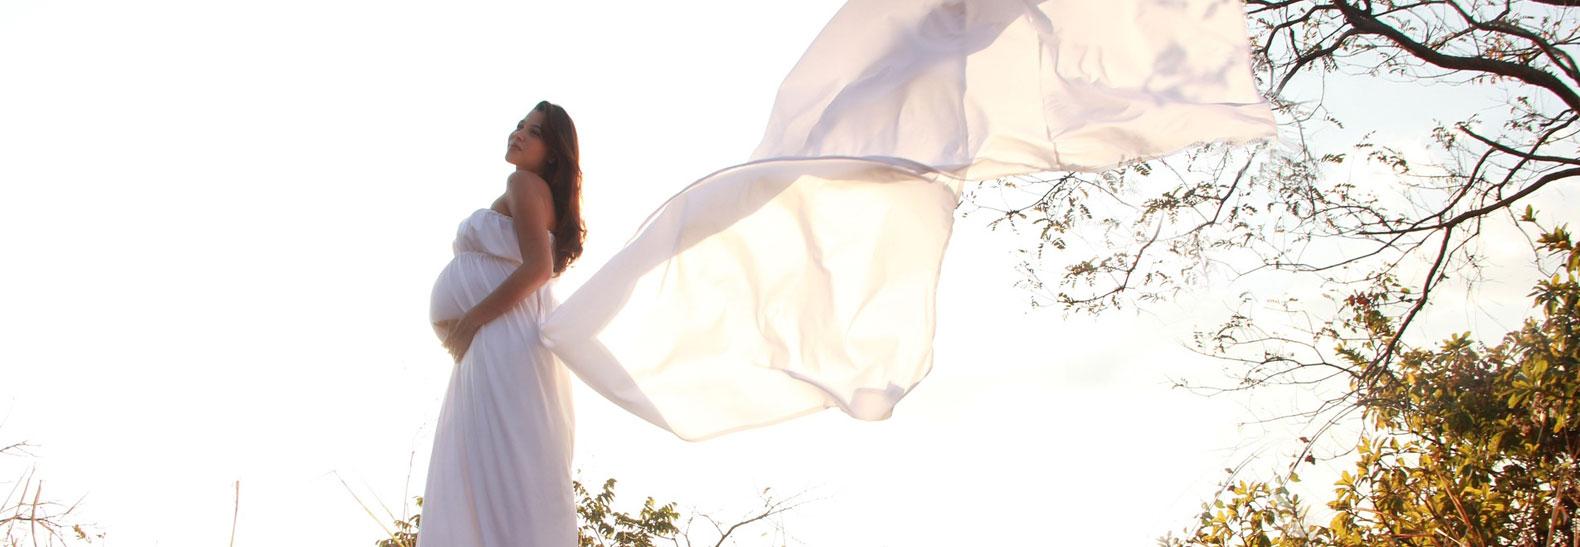 viaggio di nozze per donne incinte